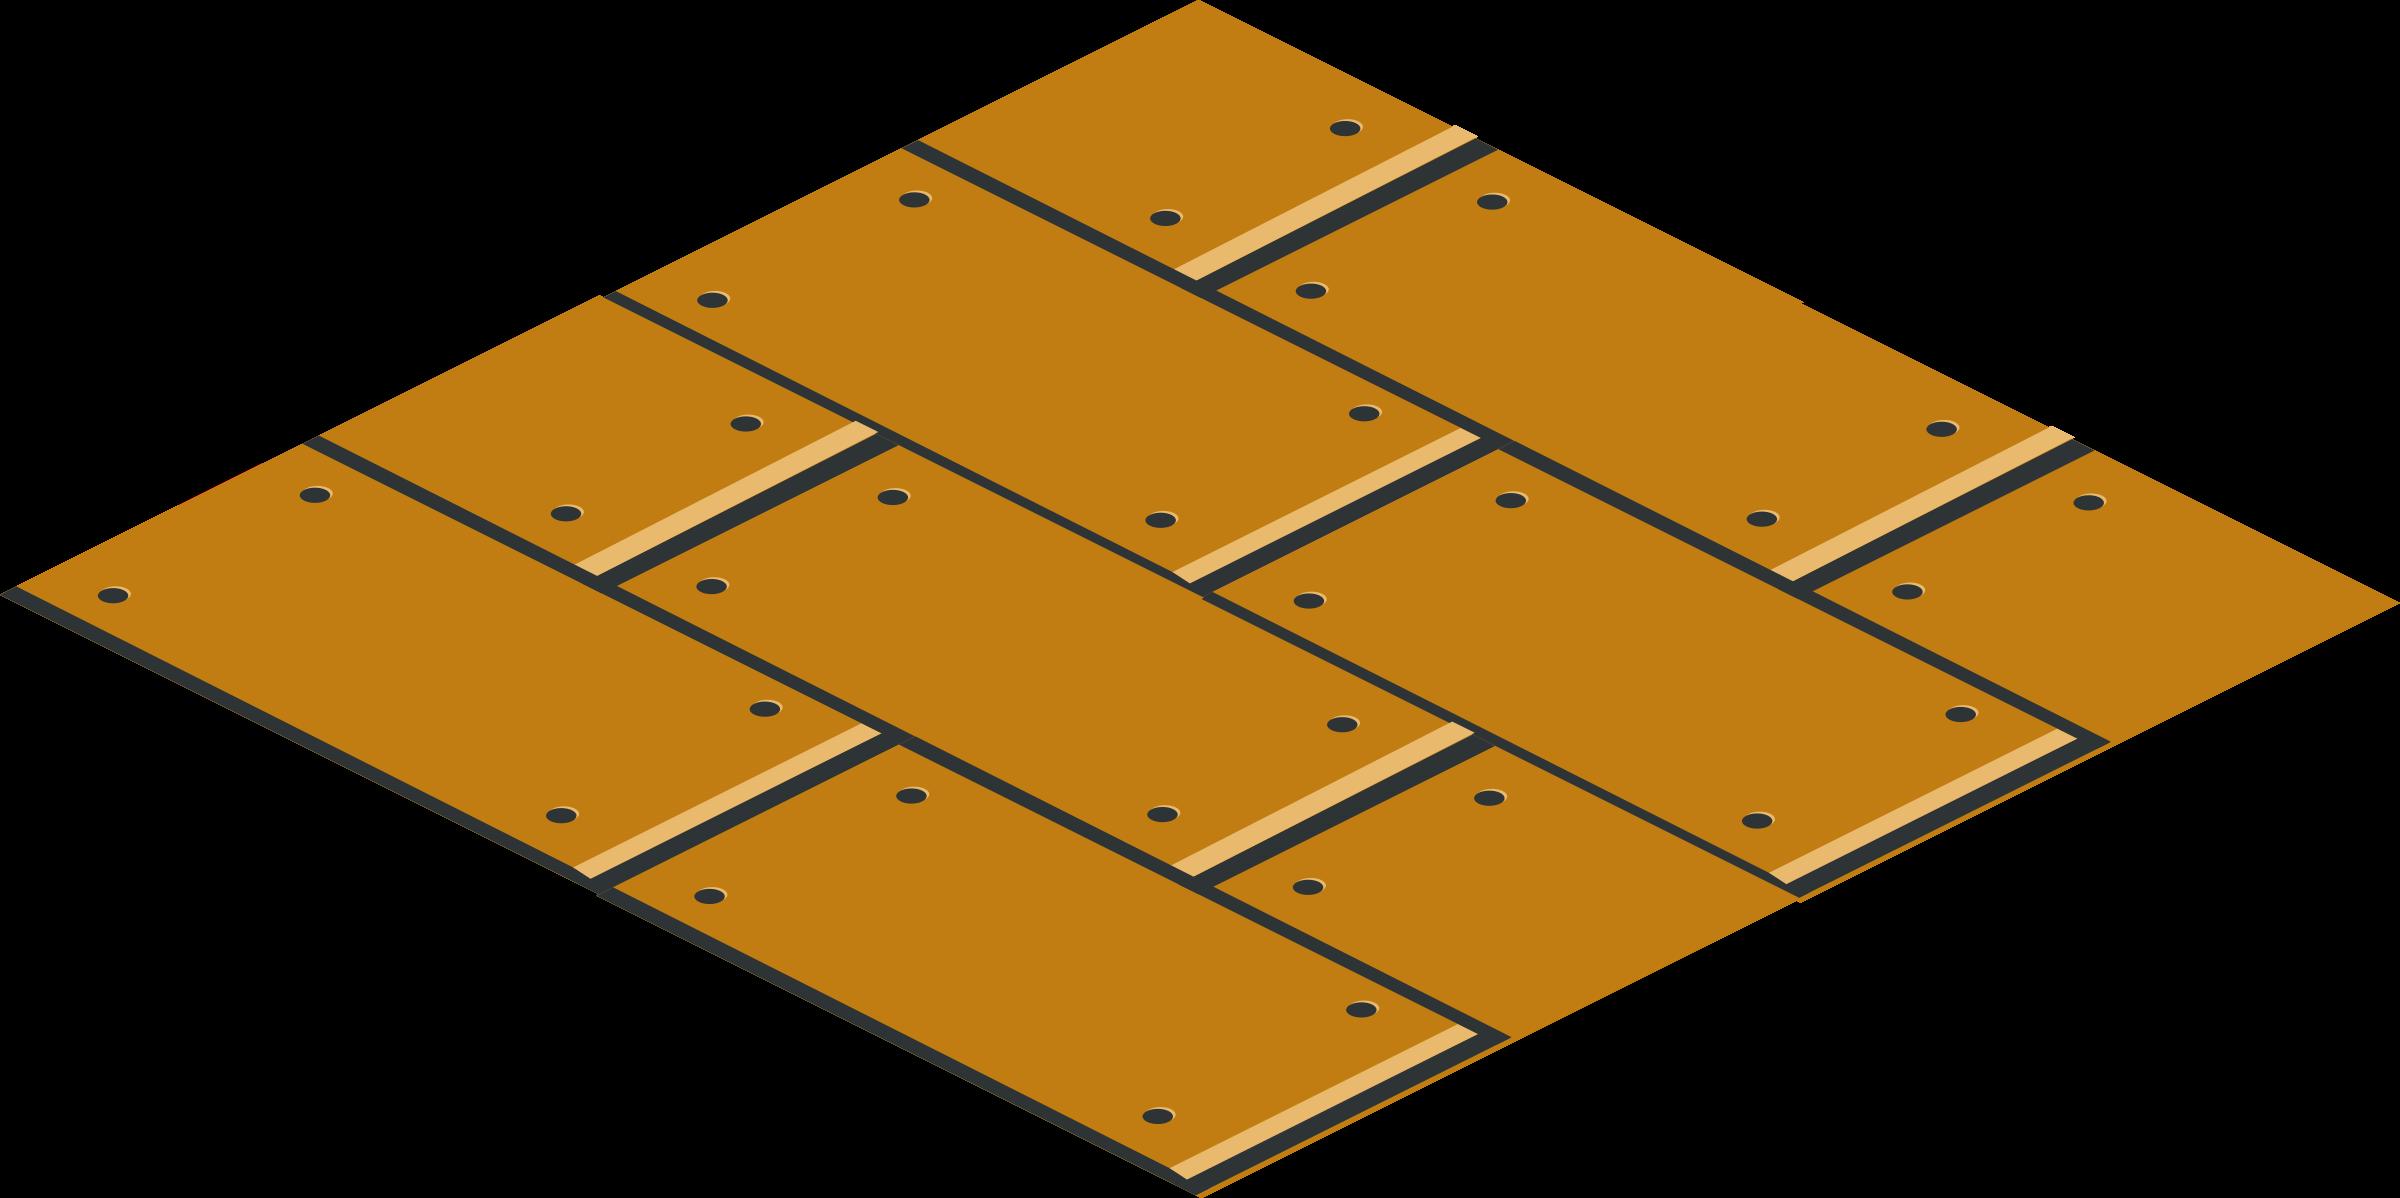 Floor clipart floor installation. Isometric tile big image